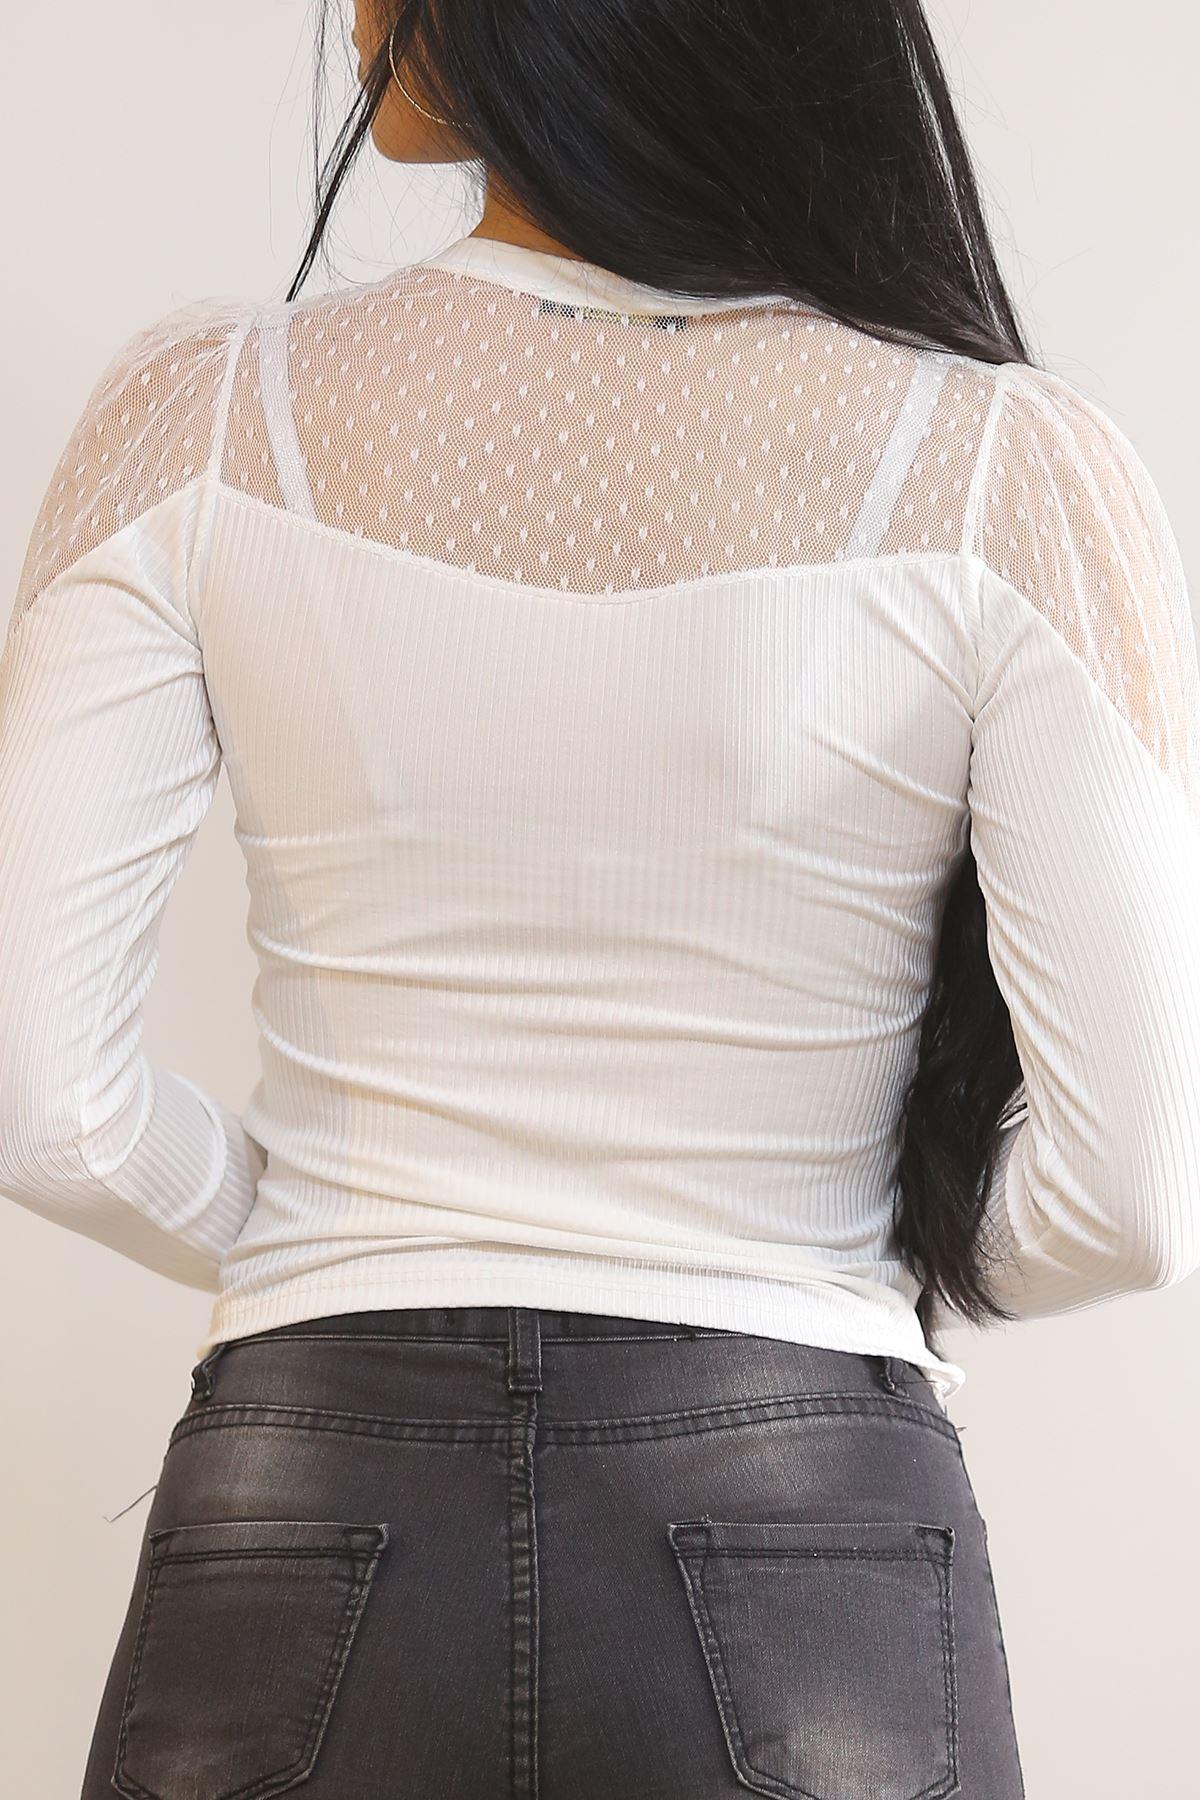 Arkası Önü Dantelli Bluz Beyaz - 5855.224.